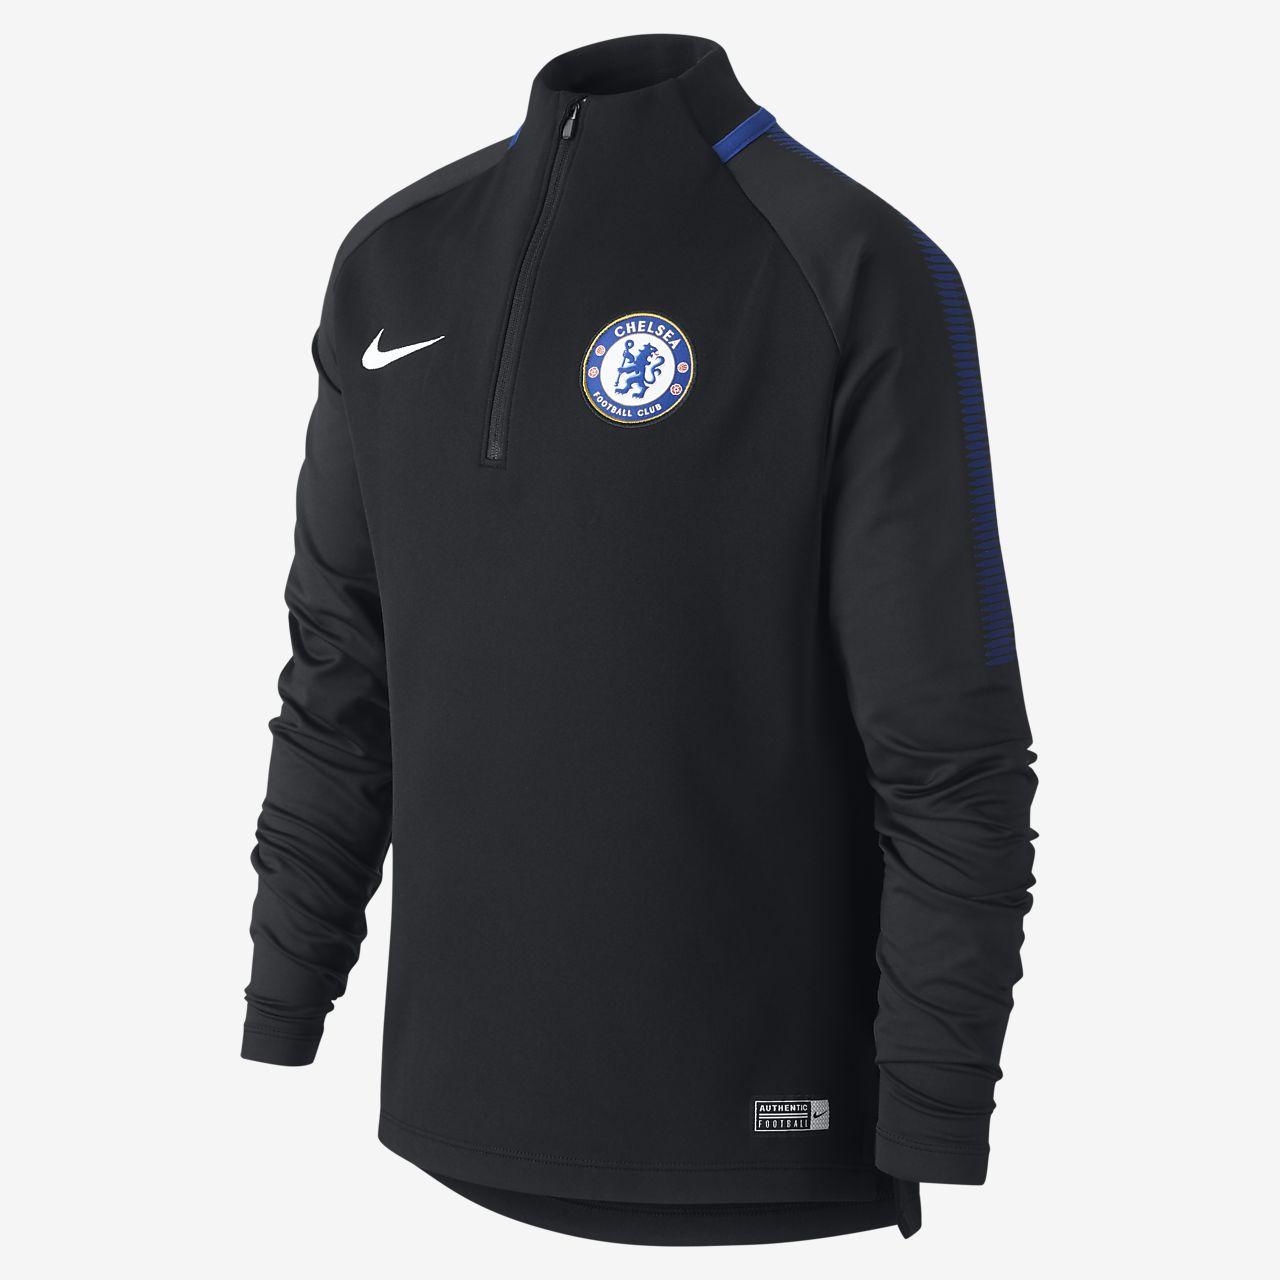 c01f60c37a7ac7 Chelsea FC Dri-FIT Squad Drill Older Kids' Football Top. Nike.com AE